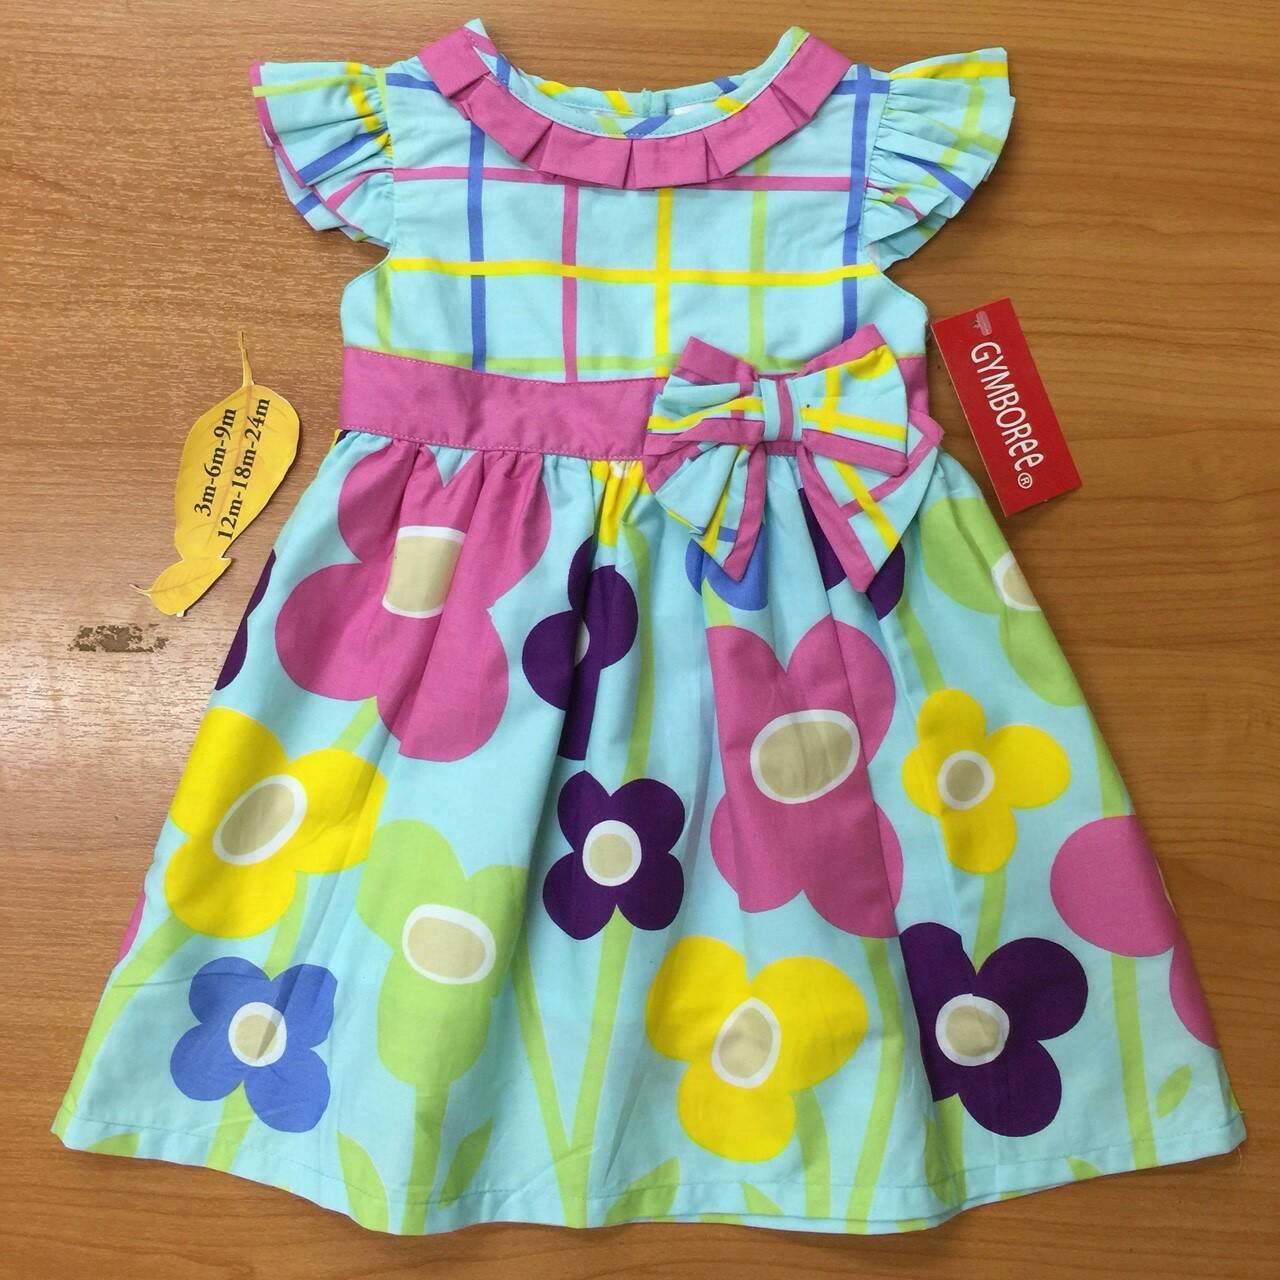 เสื้อผ้าเด็ก 1-2ปี size 12m-18m-24m ลายดอกไม้ พื้นหลังสีฟ้า